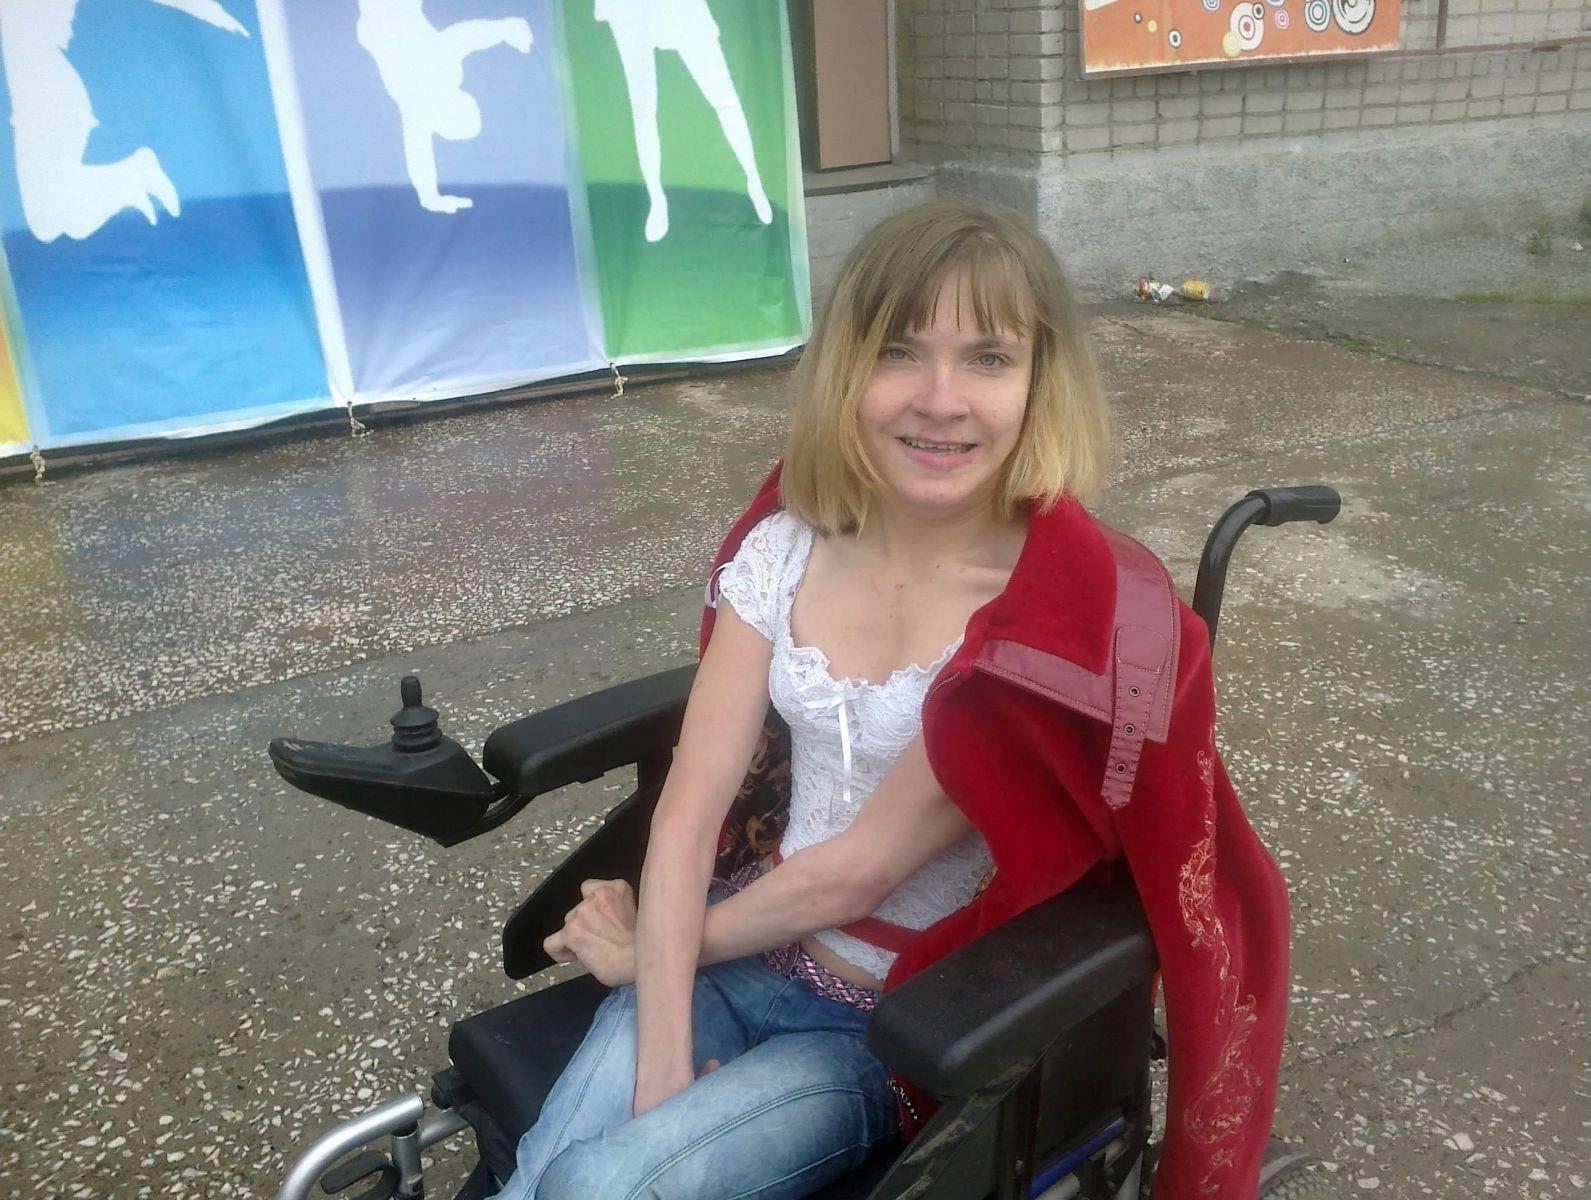 Найти Сайты Знакомств Для Инвалидов